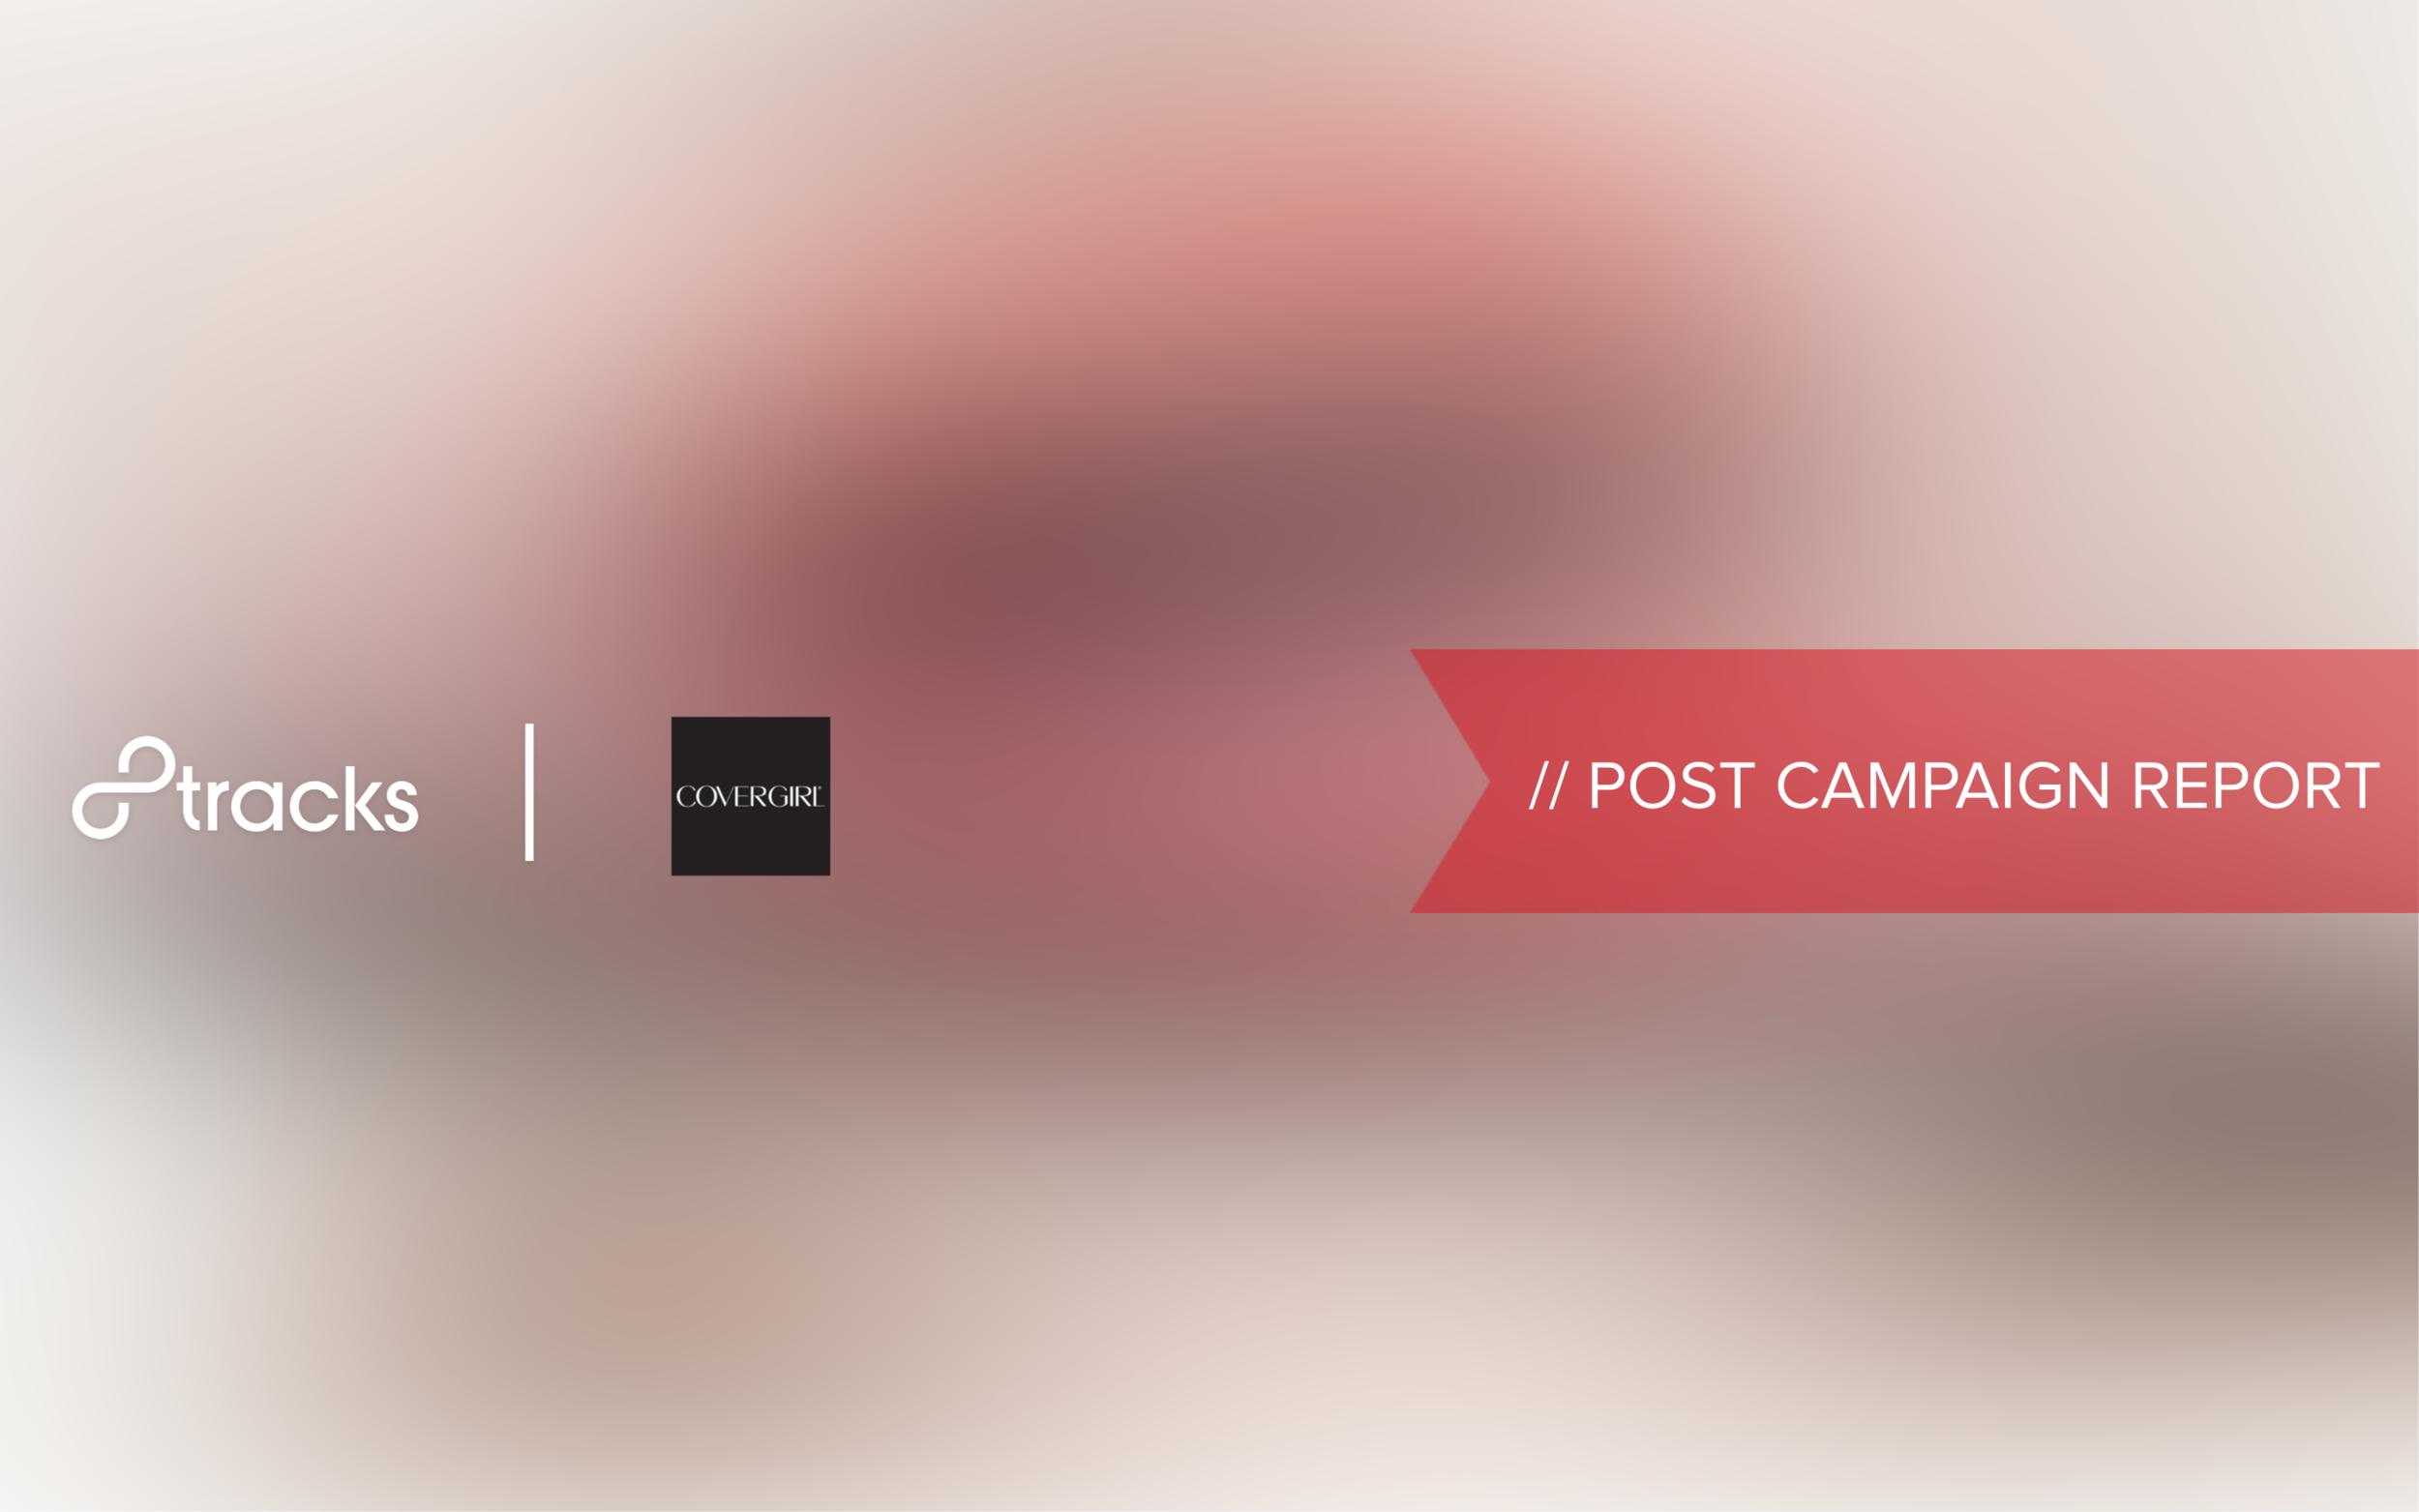 Screen Shot 2014-11-28 at 10.10.08 PM.png